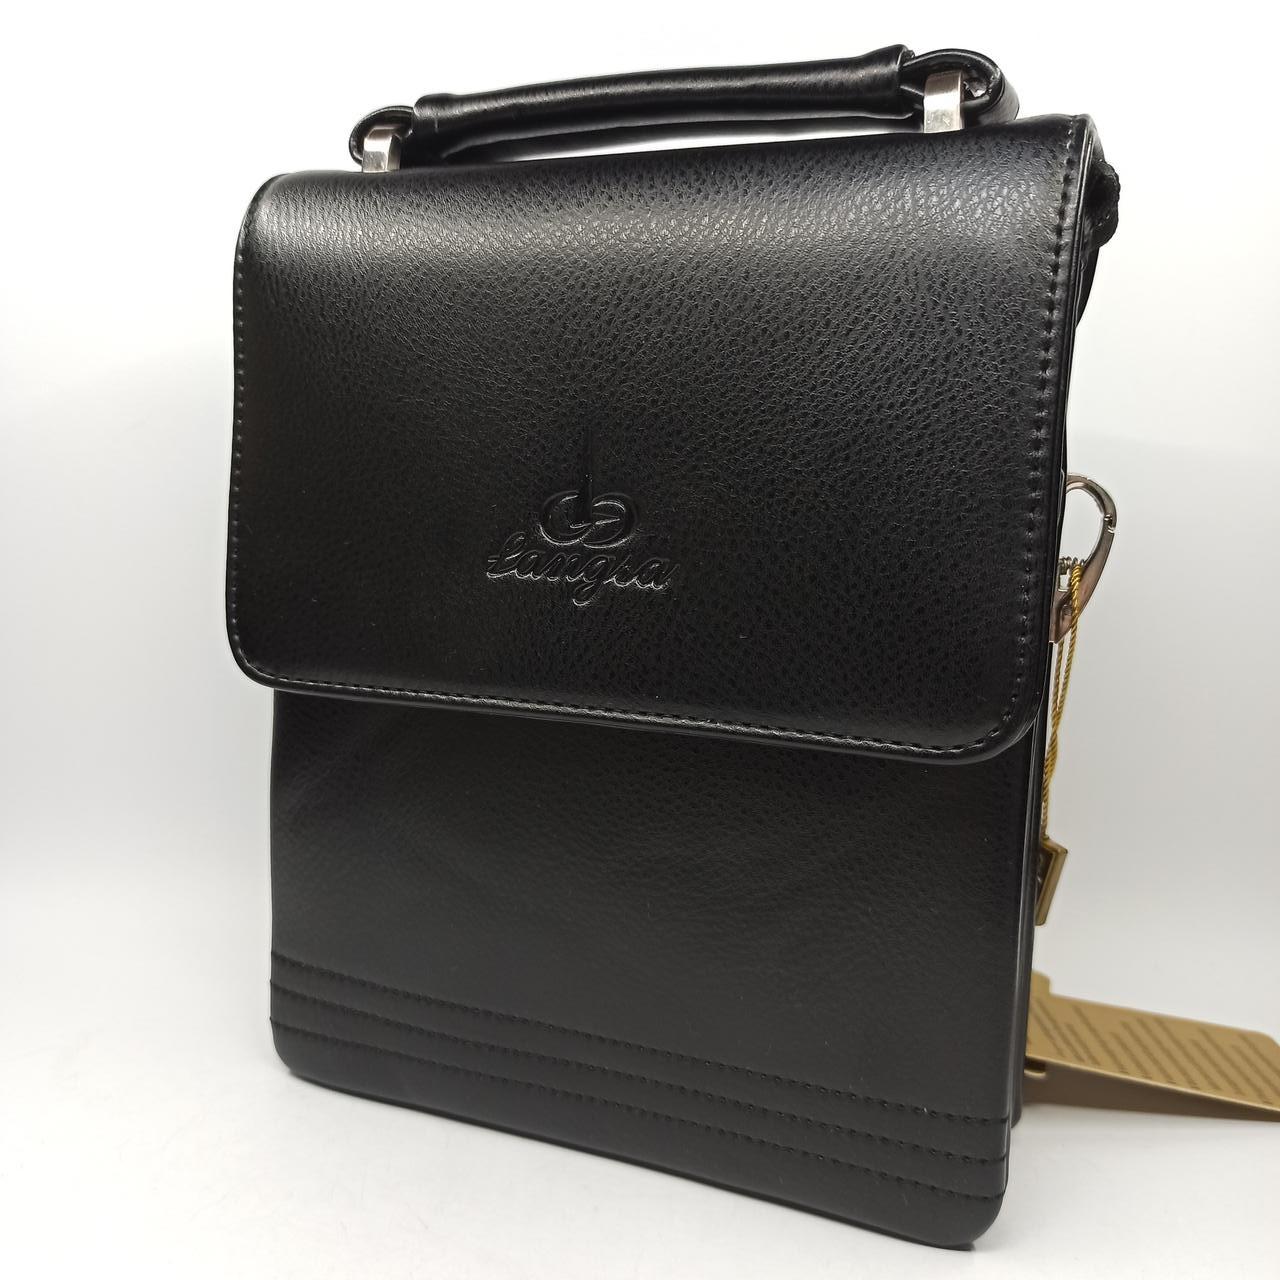 Шкіряна чоловіча сумка через плече / Мужская кожаная сумка через плечо Langsa 9871-1